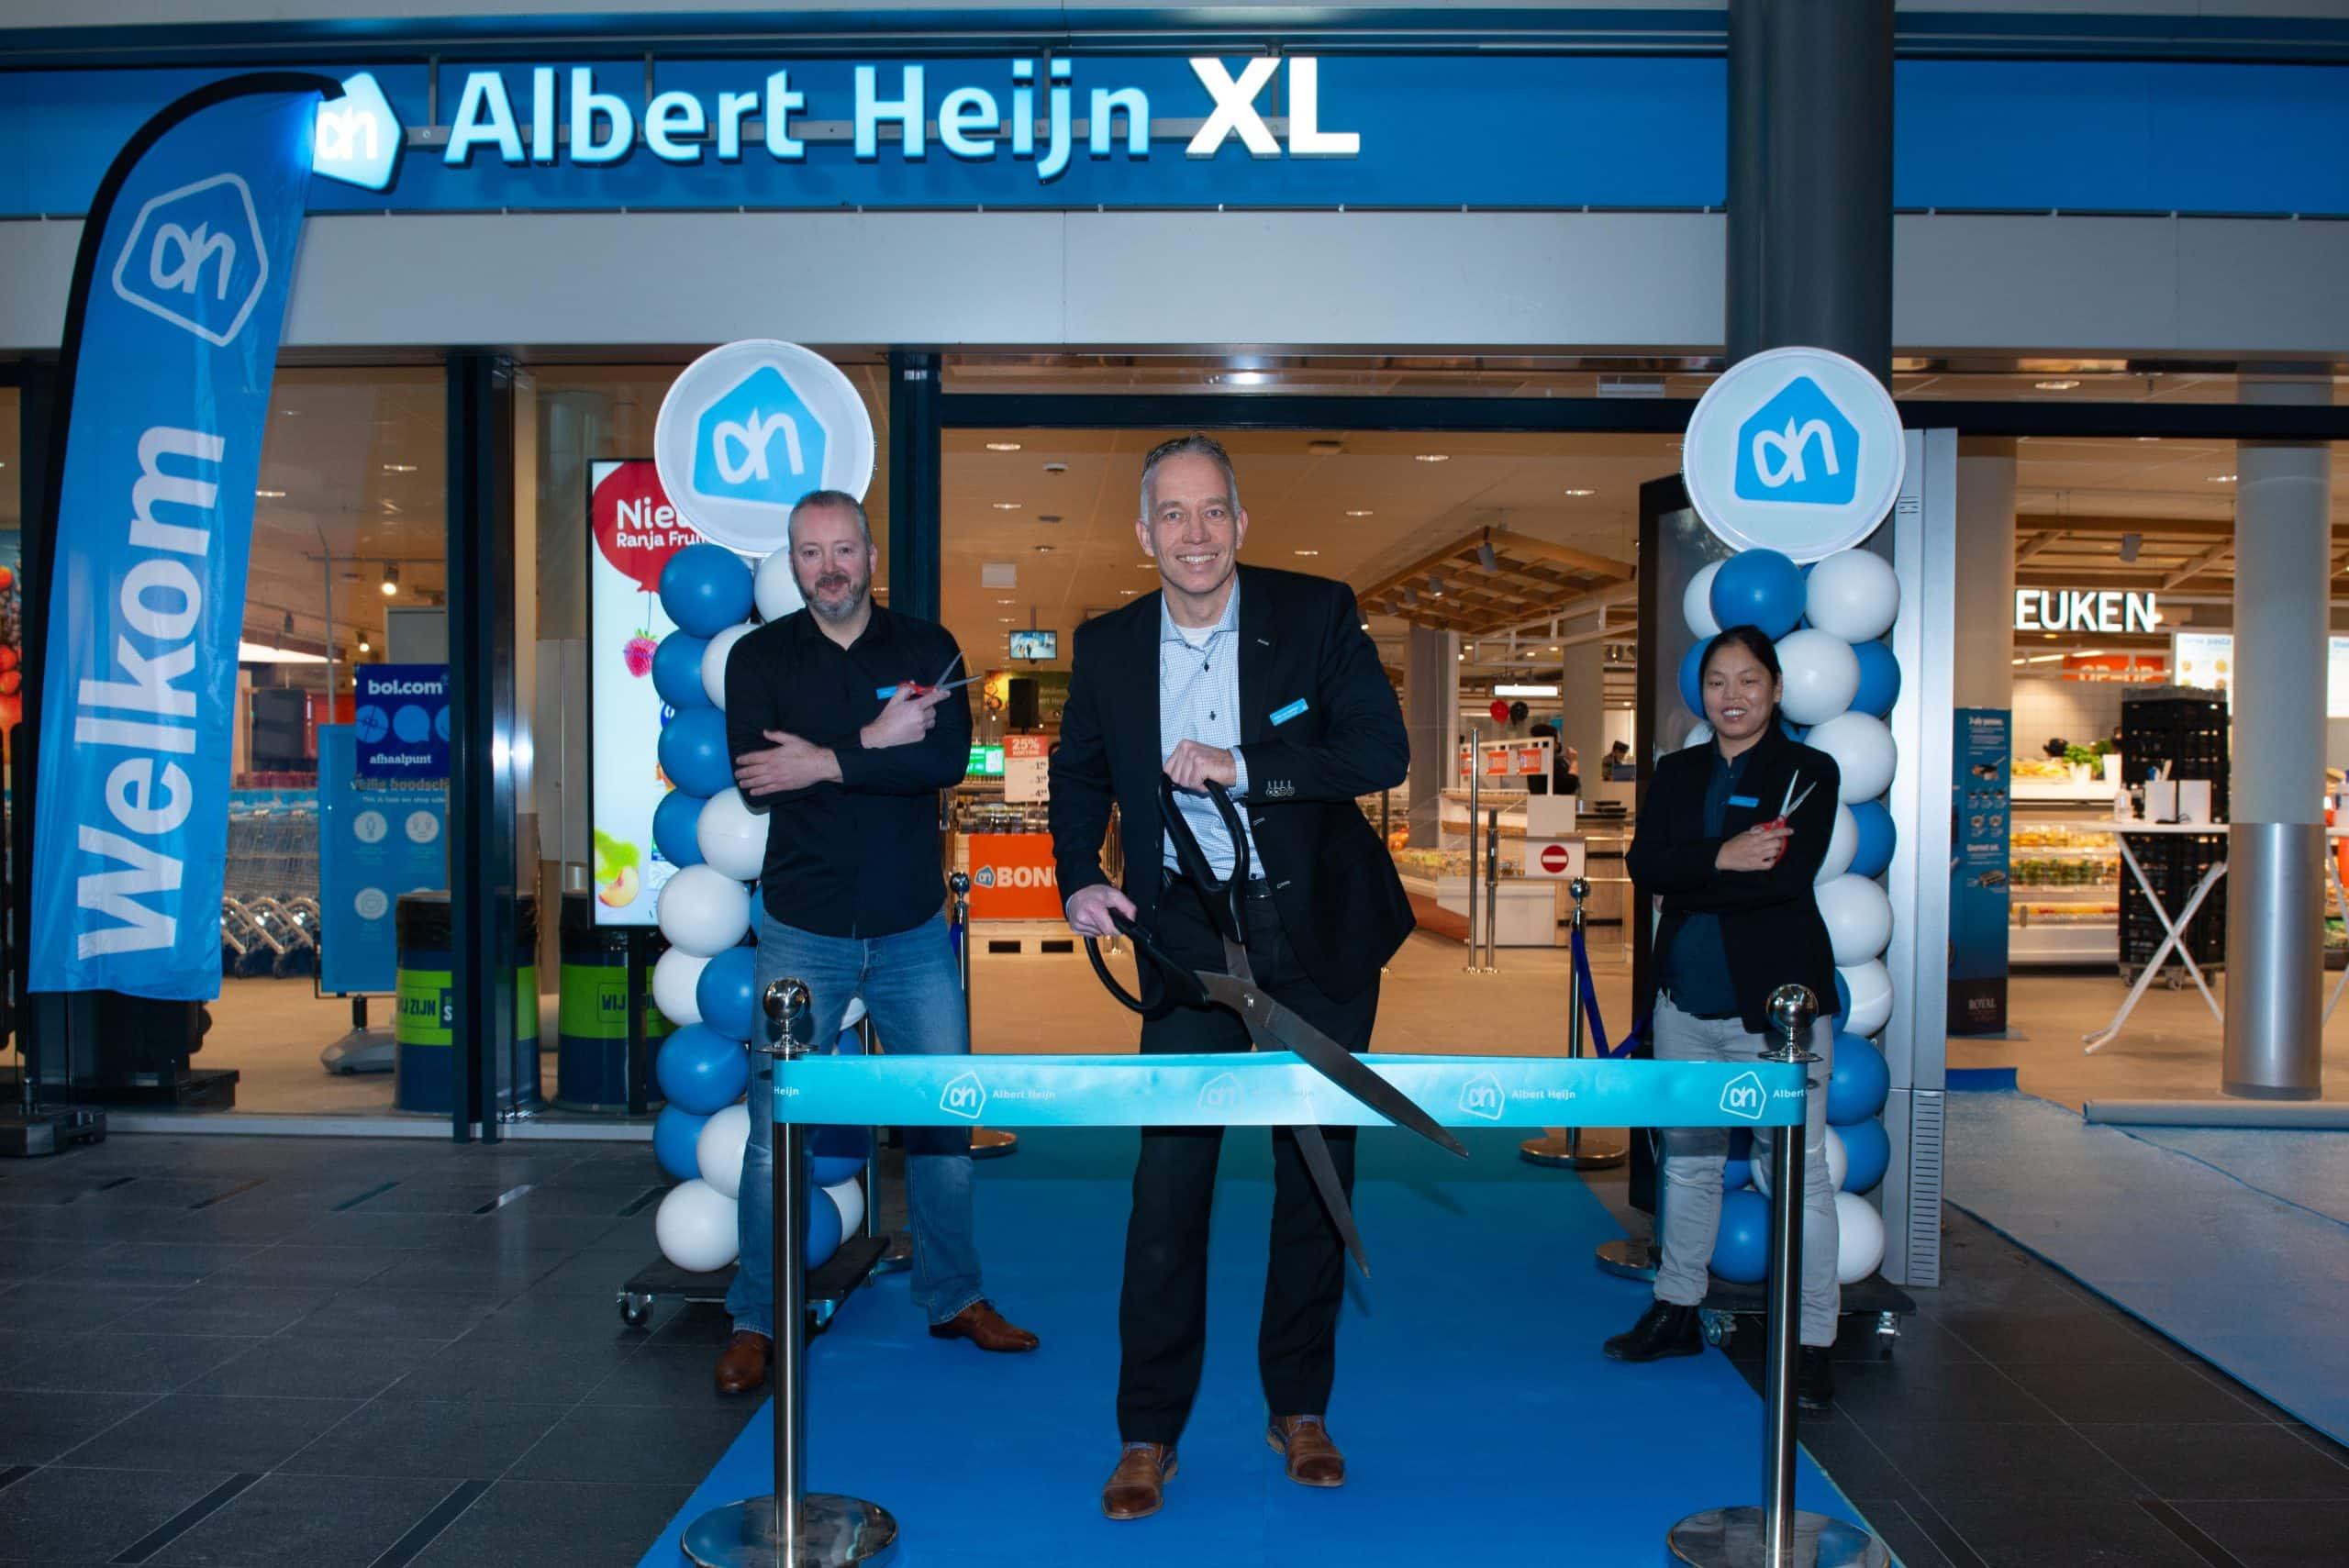 Albert Heijn XL Hoofddorp